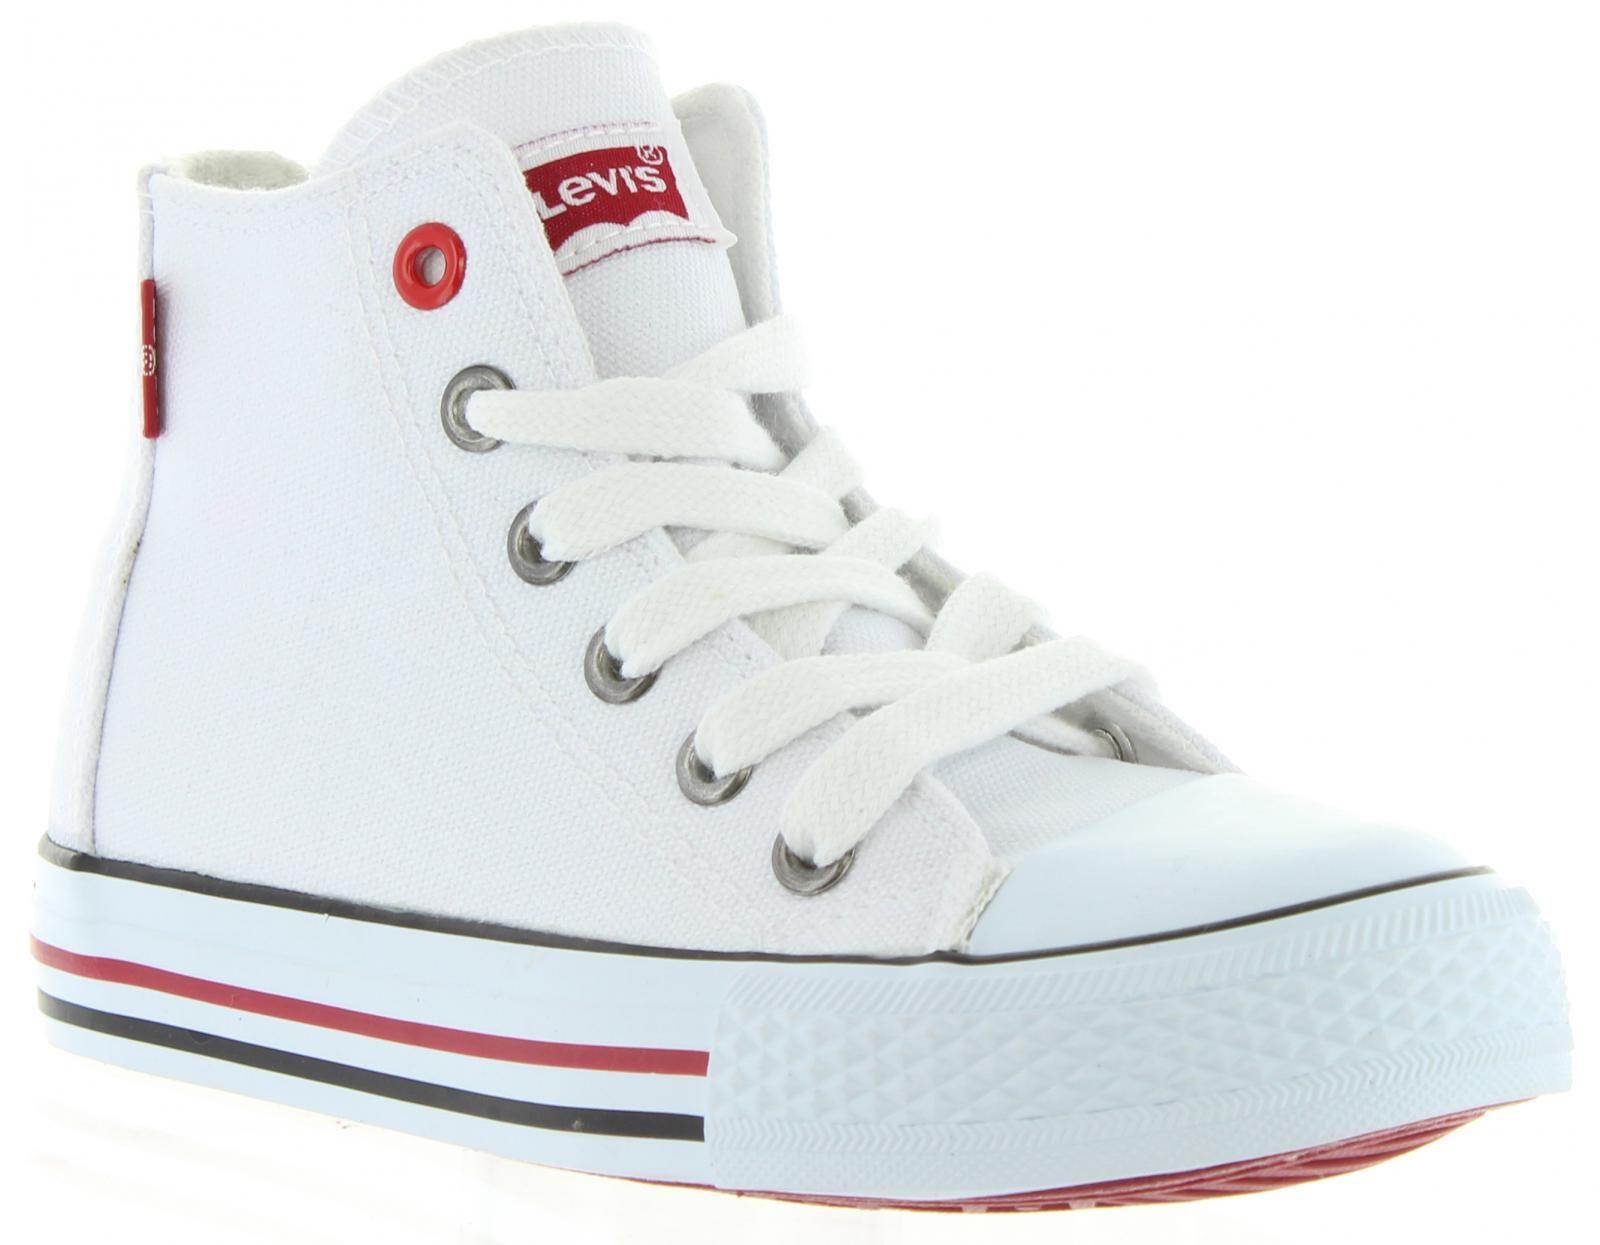 bac0d9a4 Botas #Levis. Botas #deportivas blancas Levis. Calzado cómodo y perfecto  para combinar